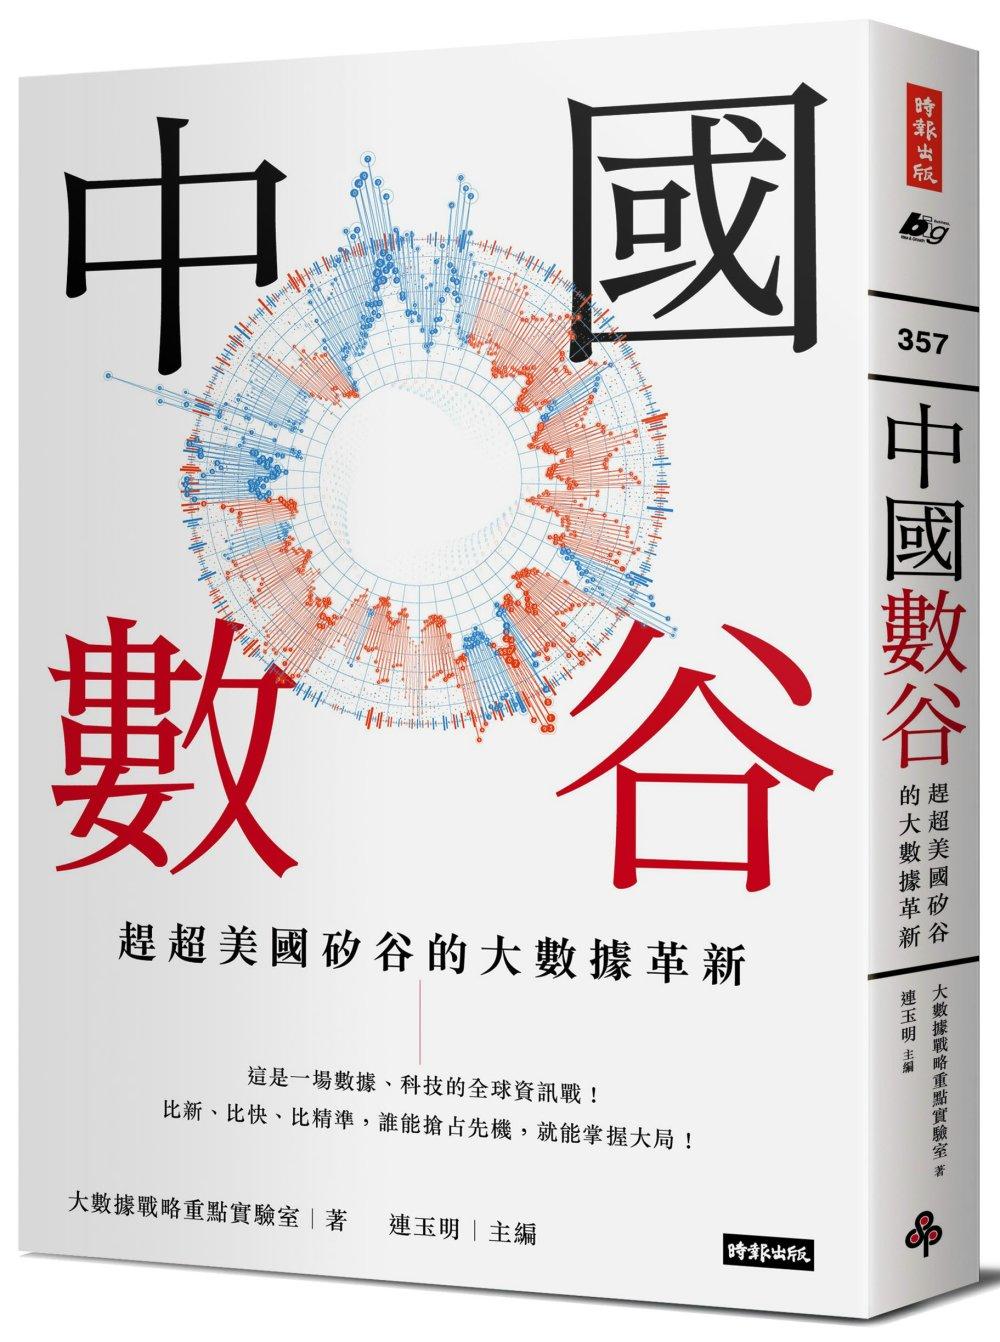 中國數谷:趕超美國矽谷的大數據...